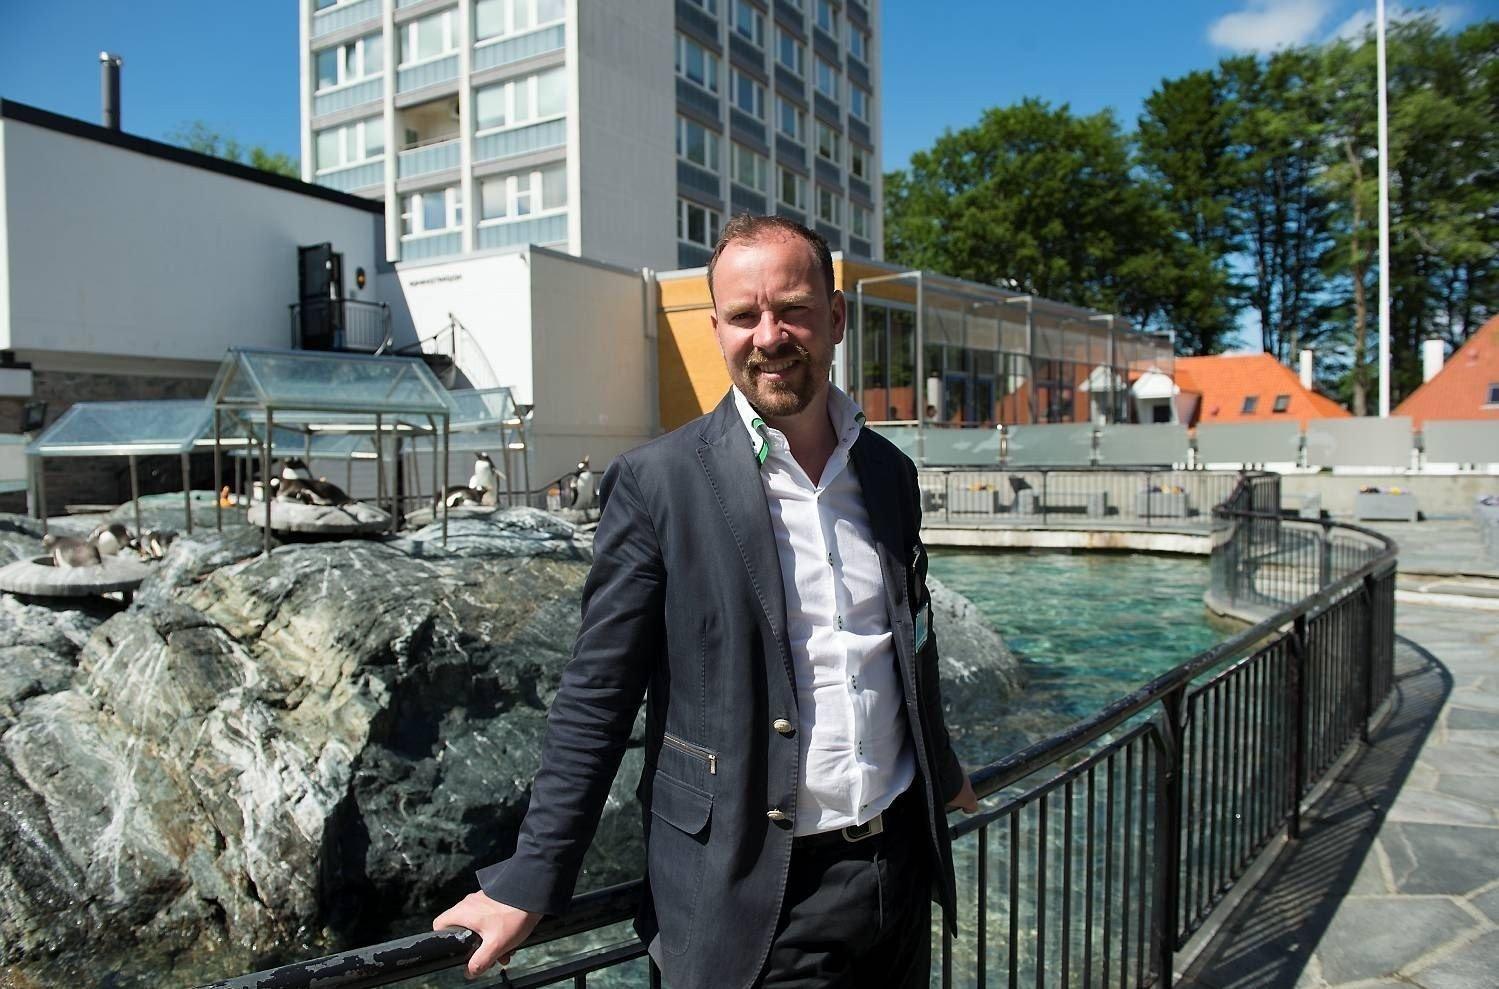 De ansatte på Akvariet har i høst gjort opprør mot direktør Kees Ekeli. Nå innrømmer direktøren at han ikke har vært flink nok.